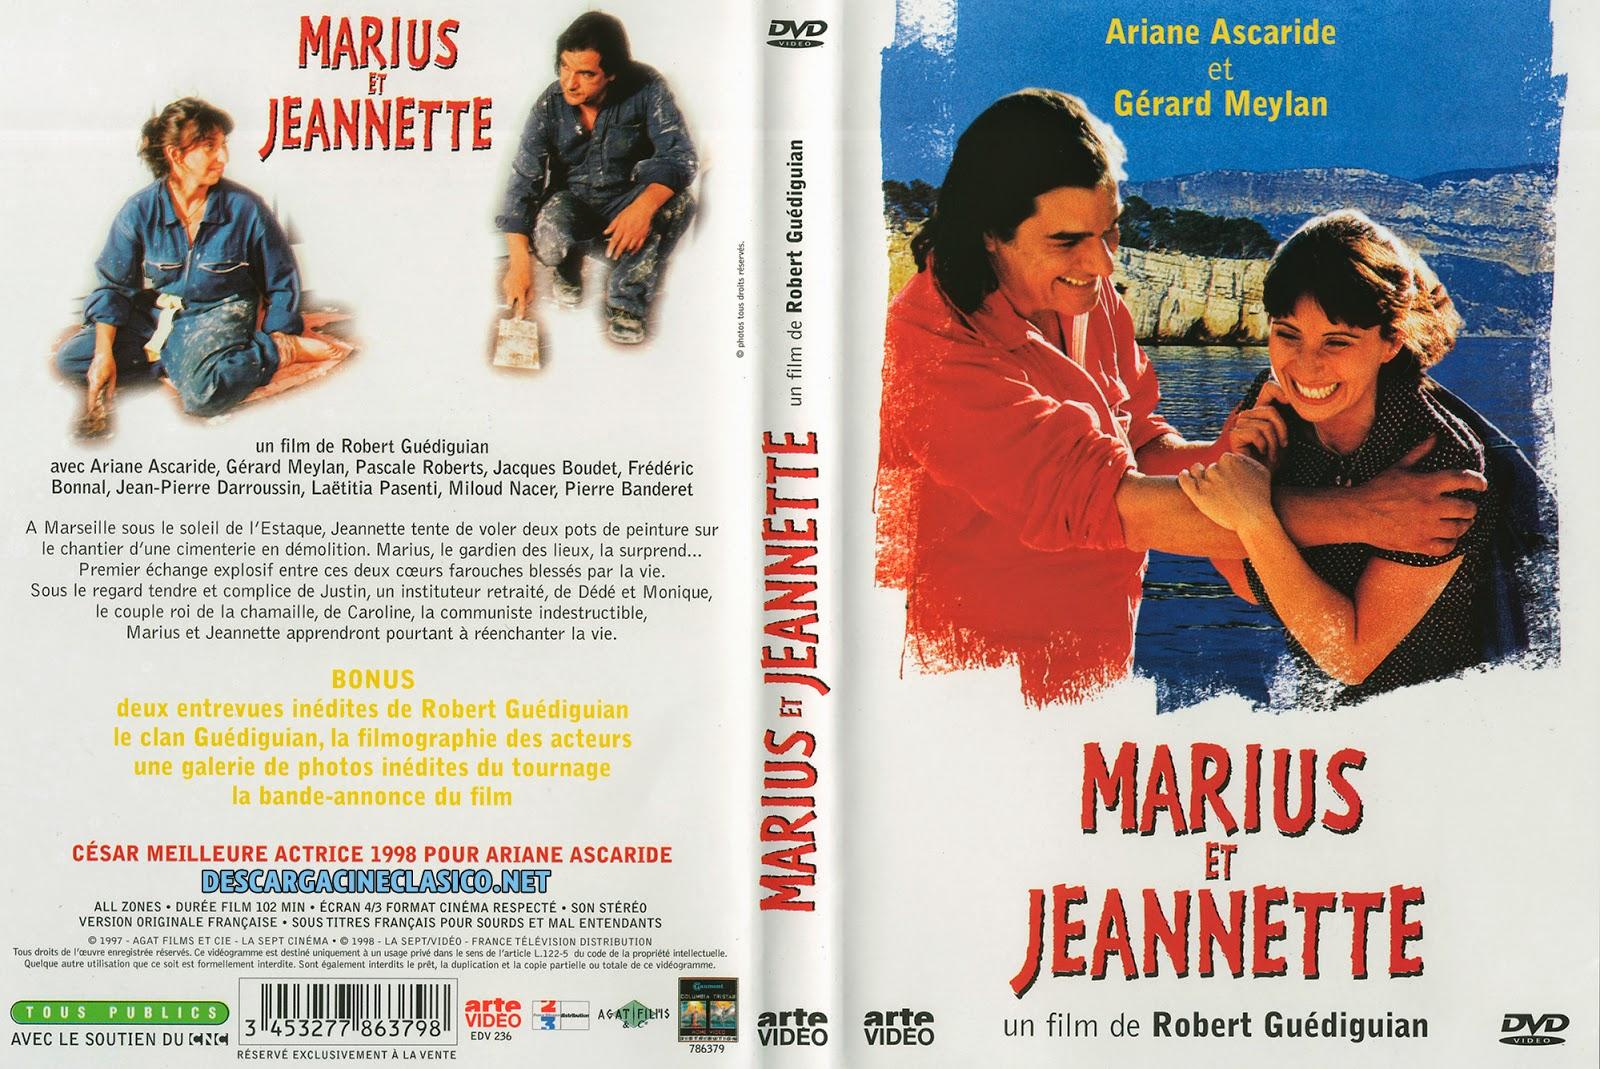 MARIUS JEANNETTE TÉLÉCHARGER GRATUIT GRATUIT FILM ET